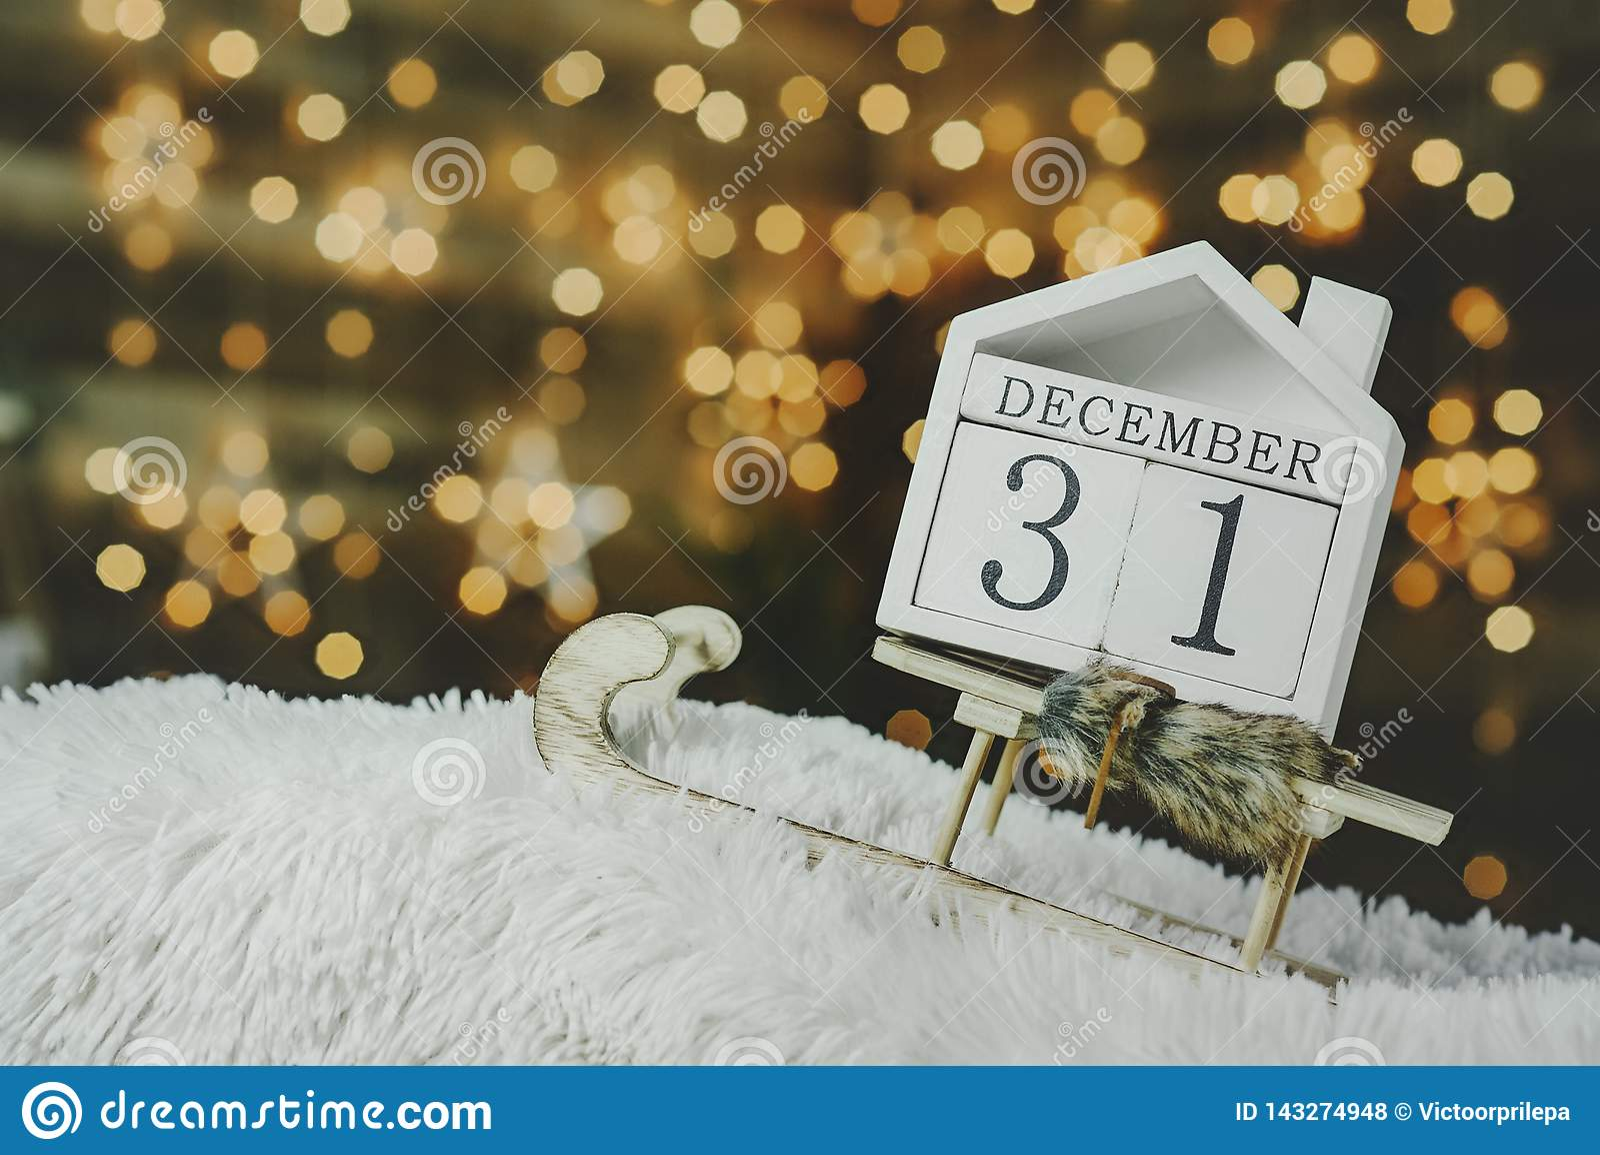 Feestelijke achtergrond op de vooravond van het nieuwe jaar, met een aftelprocedurekalender op 31 December op de achtergrond van